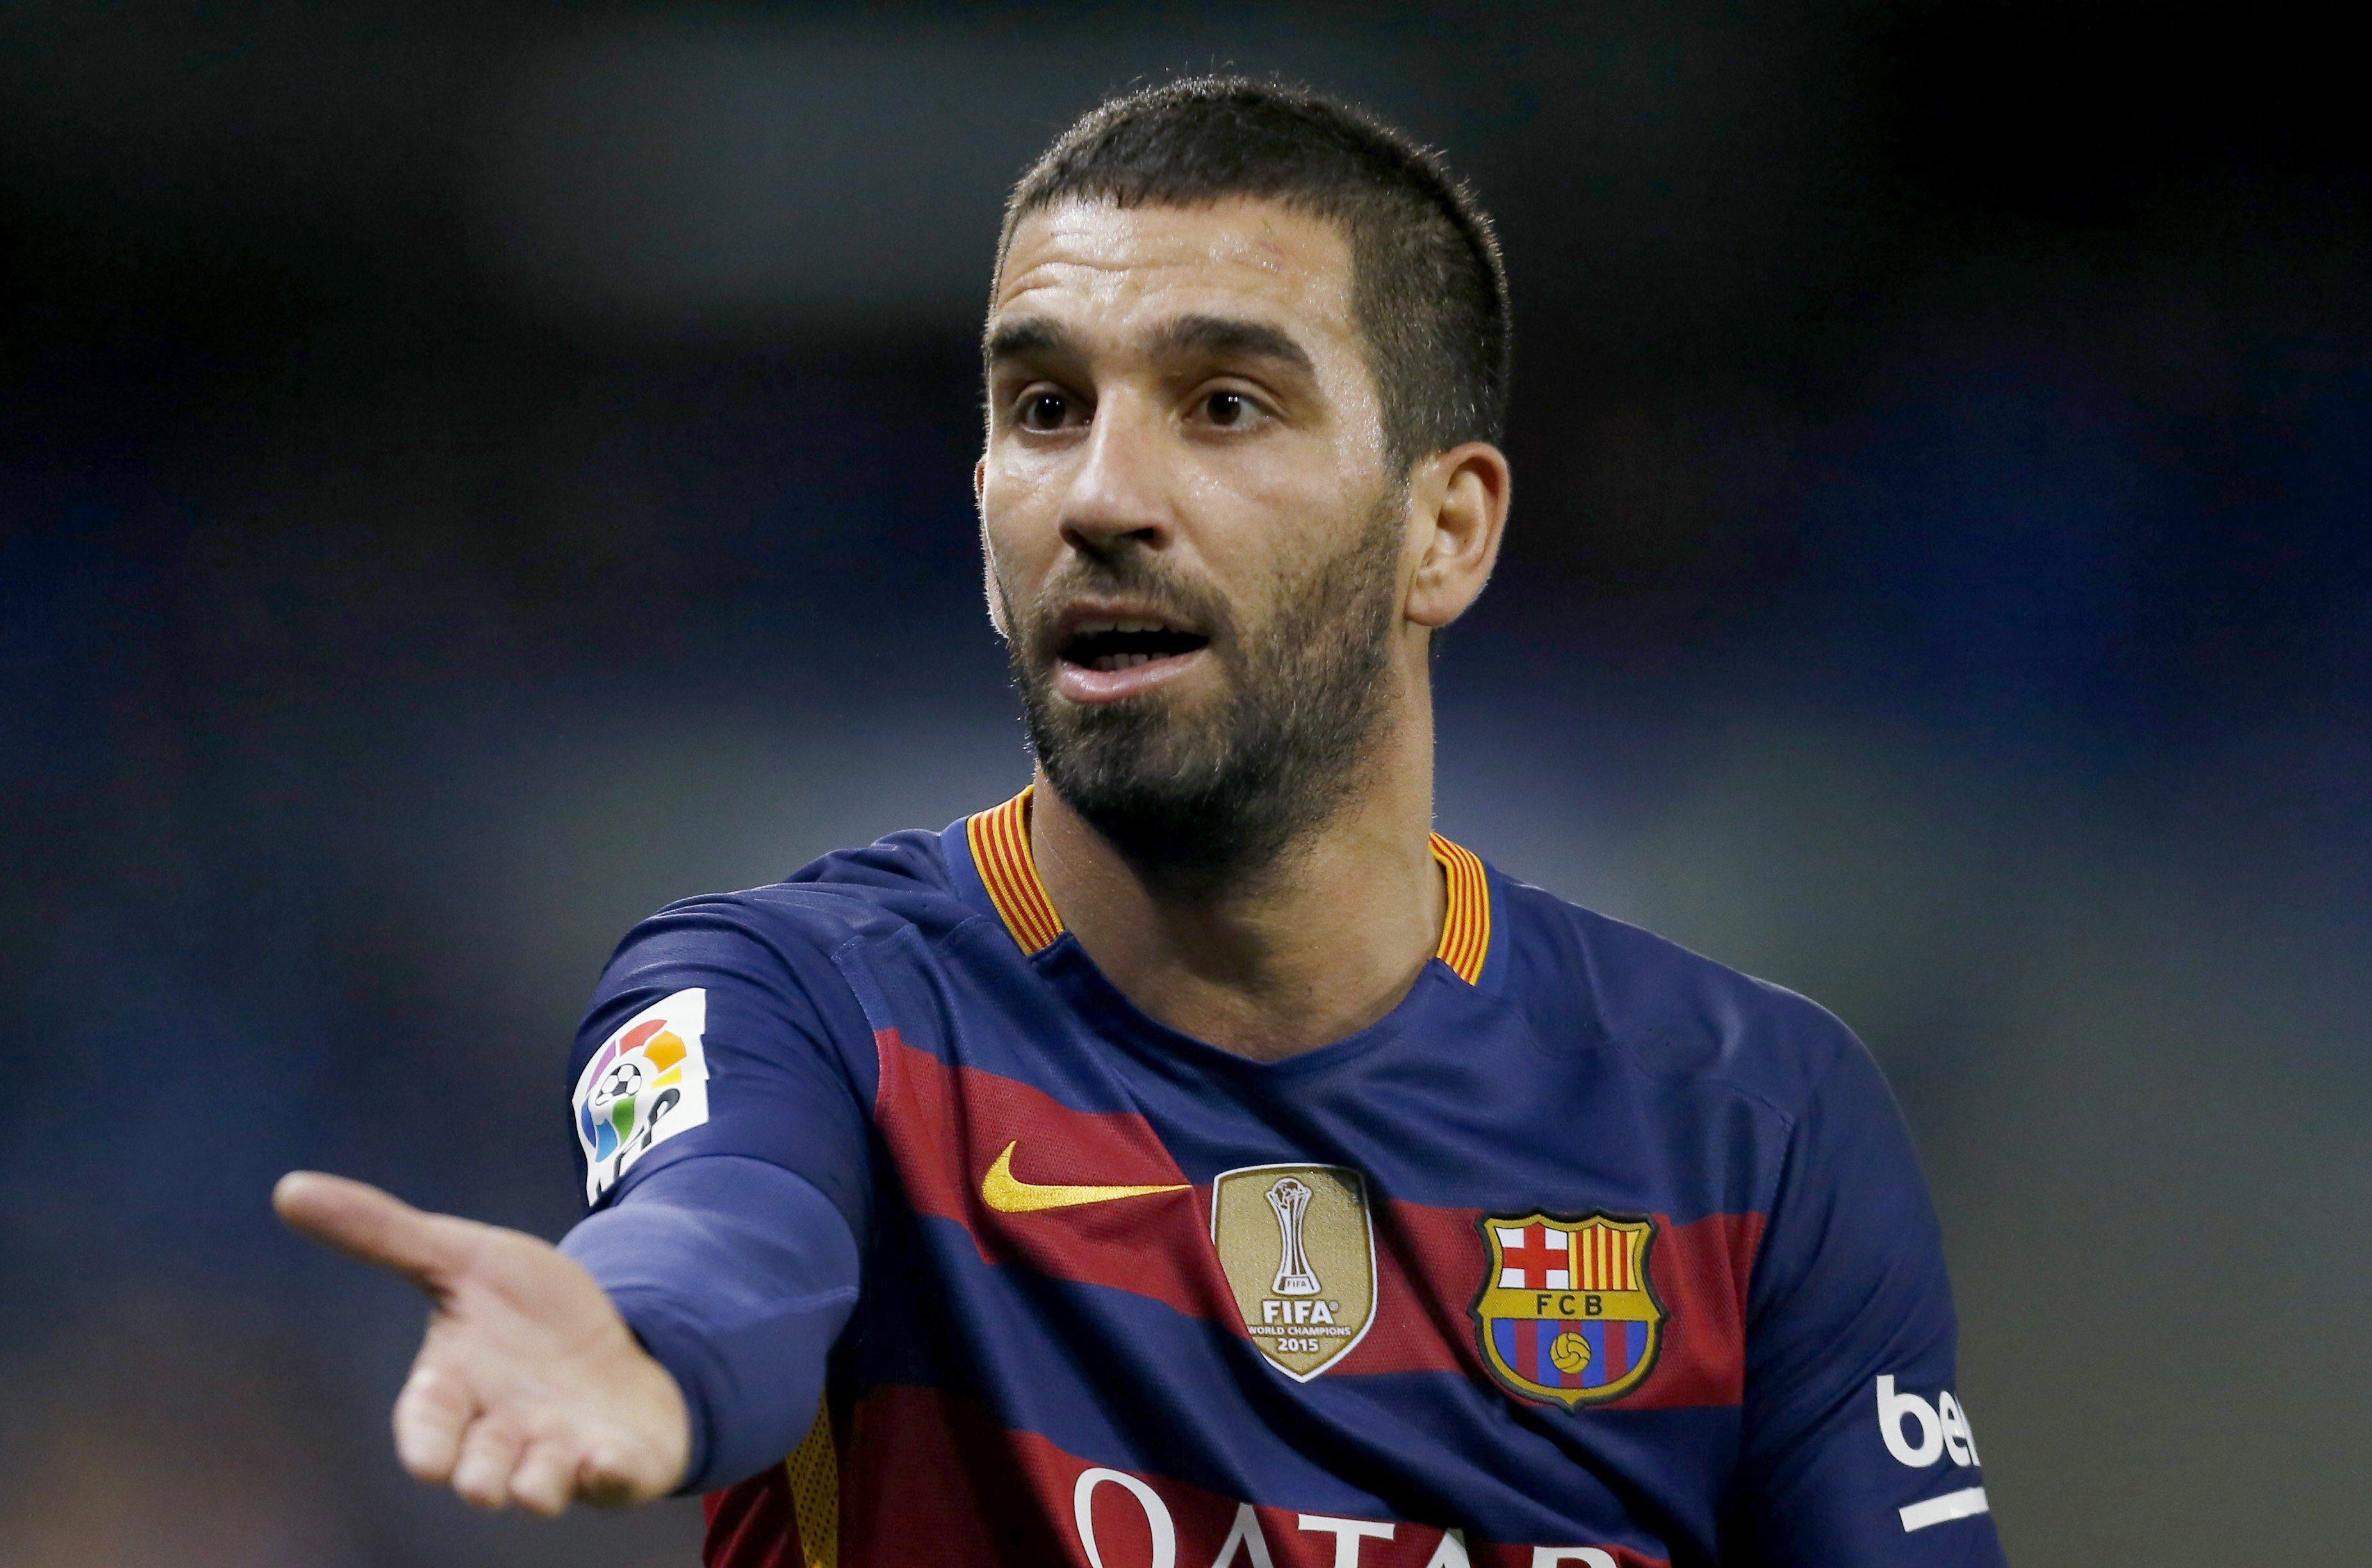 El jugador con el que Ernesto Valverde no quiere coincidir en el Barça (ojo al lío)